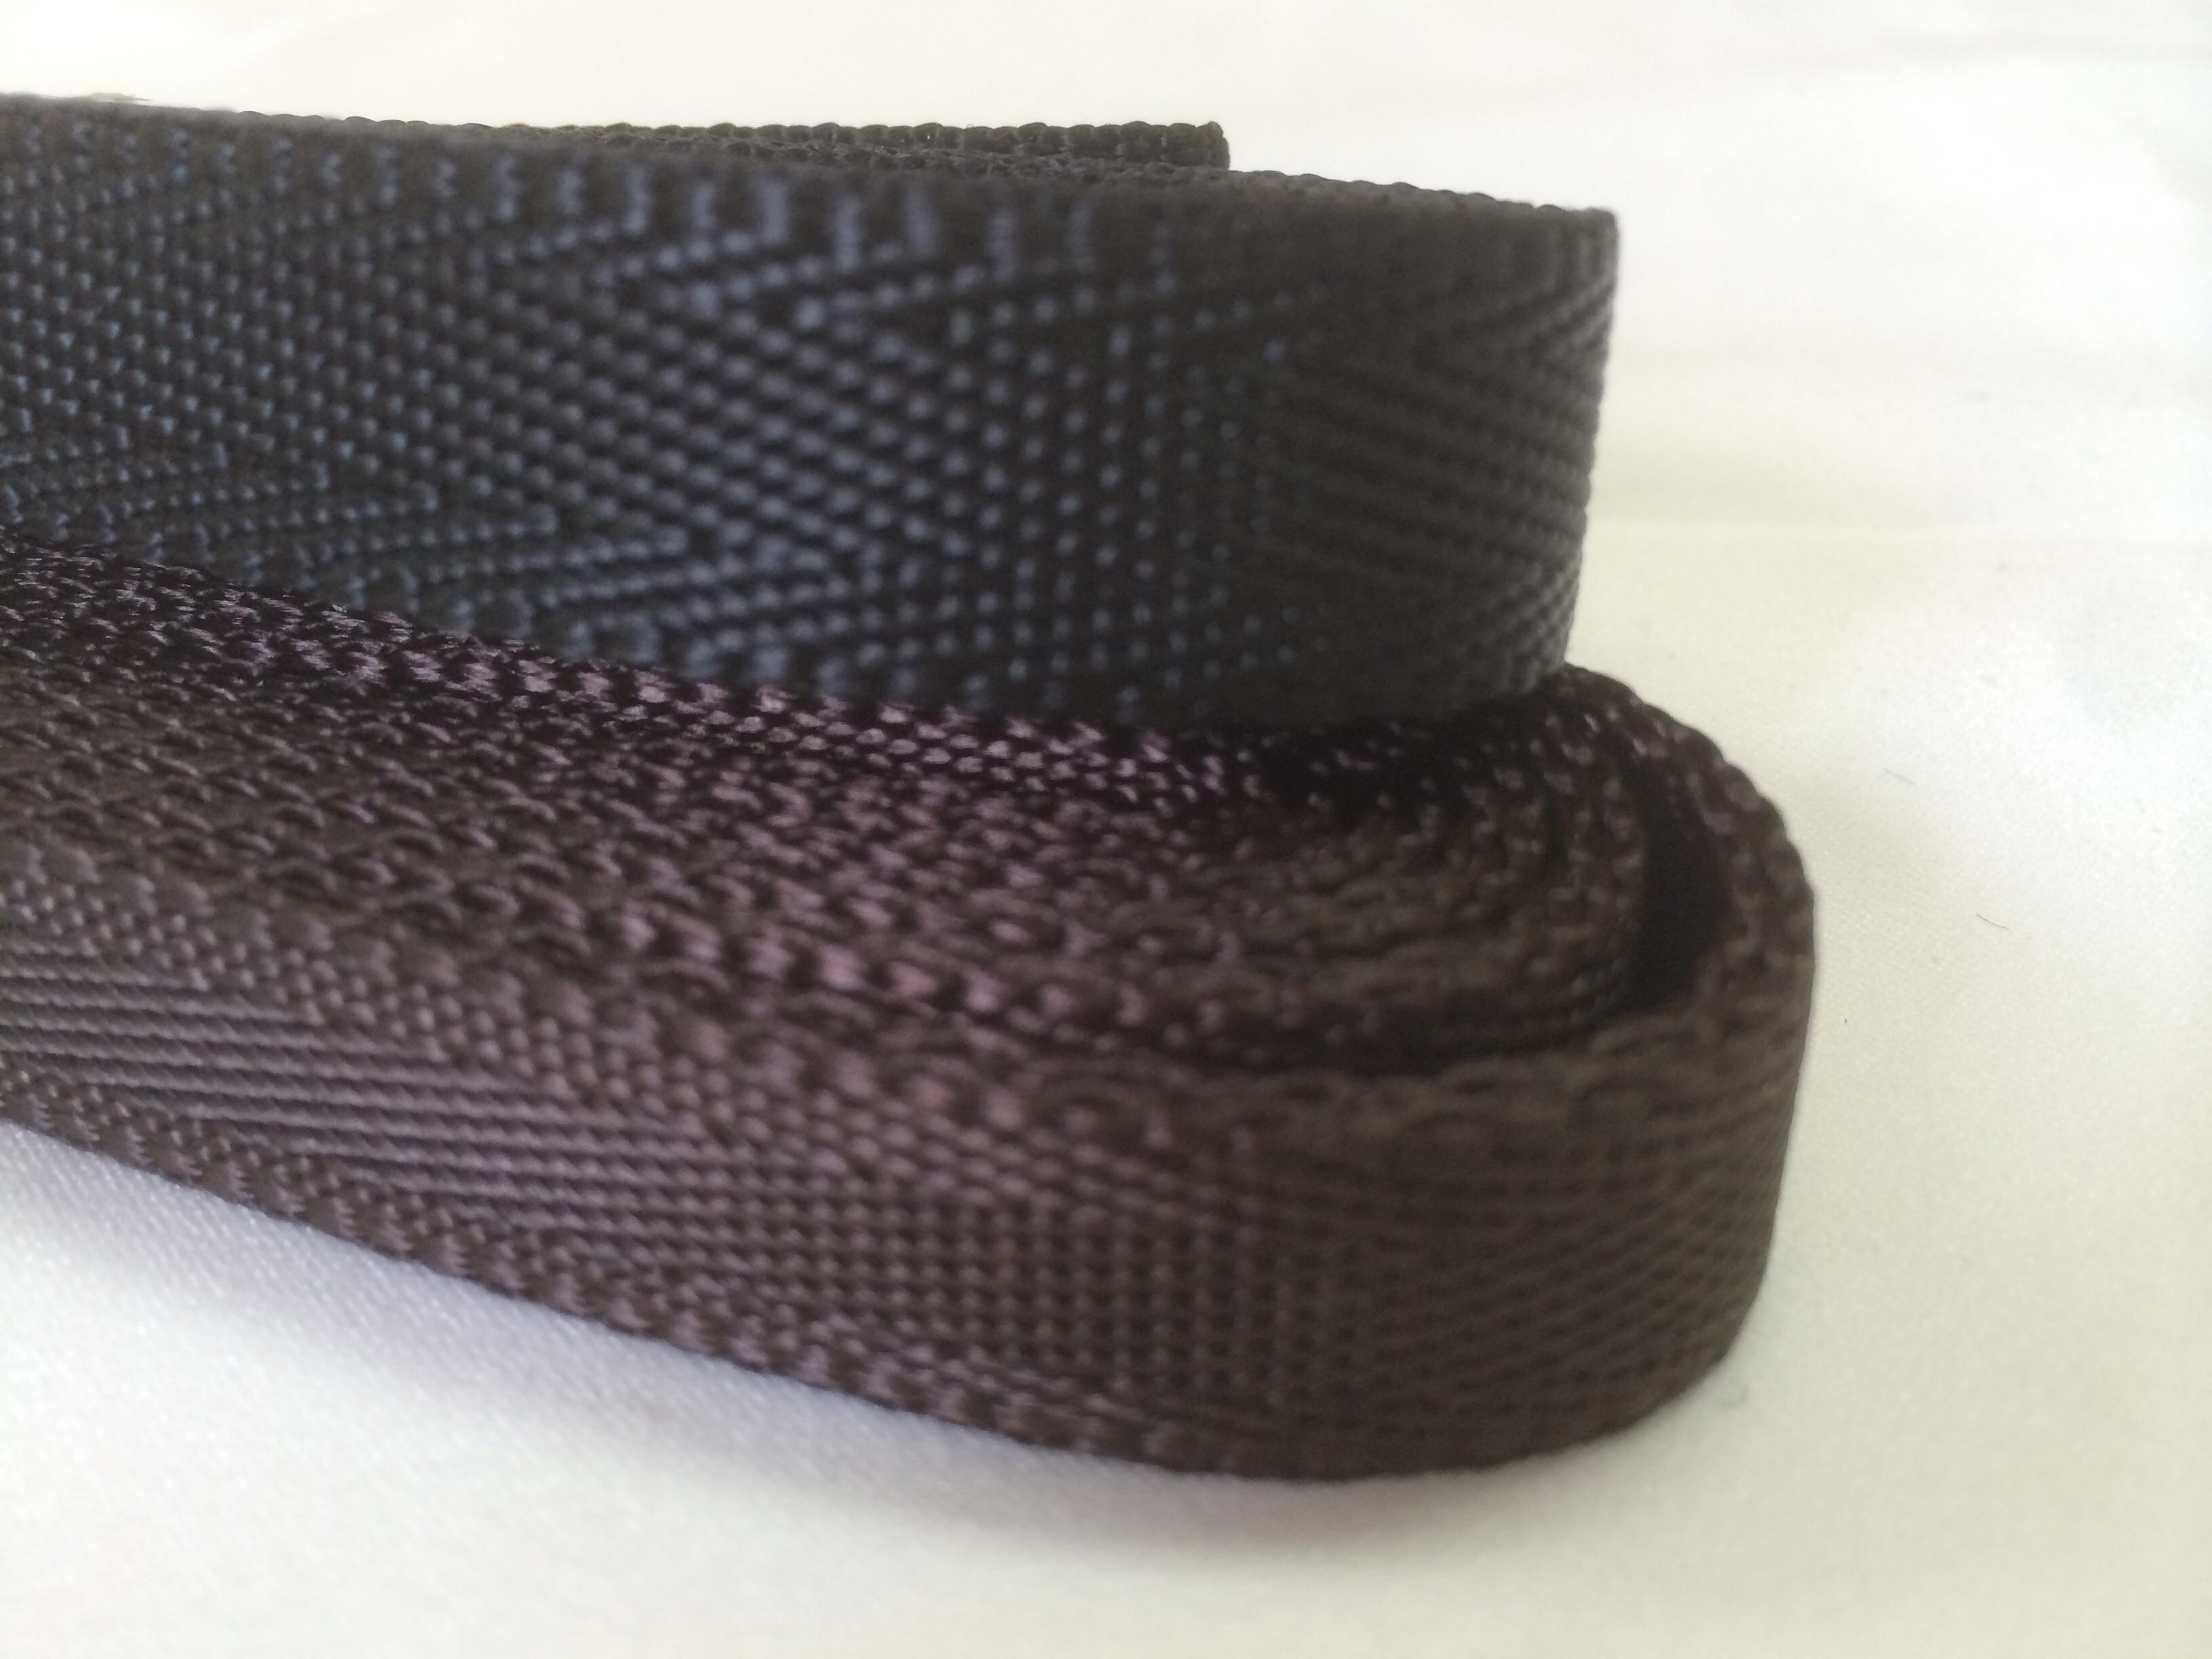 ナイロン シート織 15mm幅 1.3mm厚 1反(50m)  黒